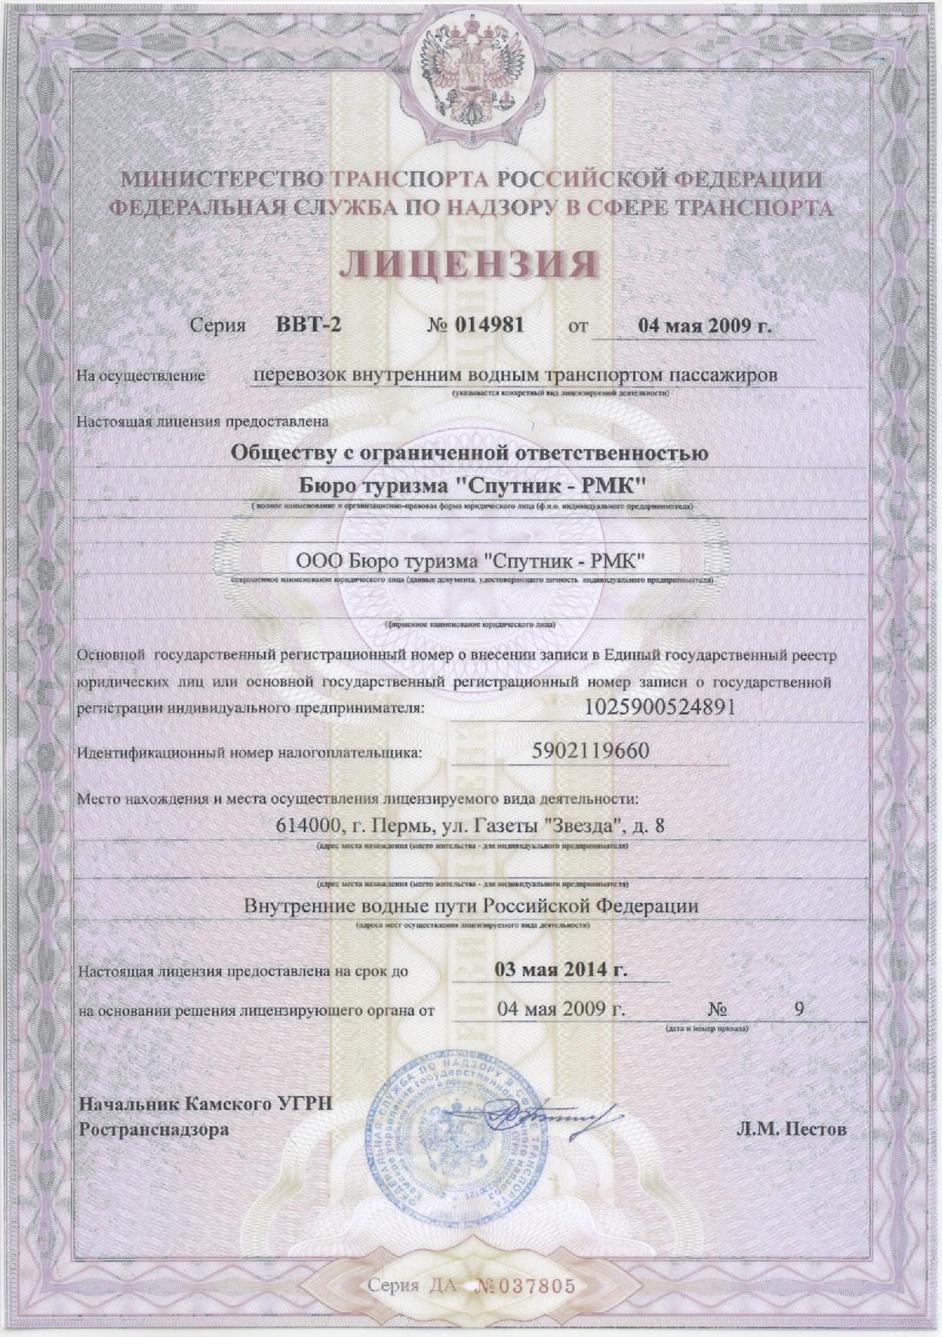 Лицензия на пассажирские перевозки маломерным судном оао ржд пассажирские перевозки тарифы